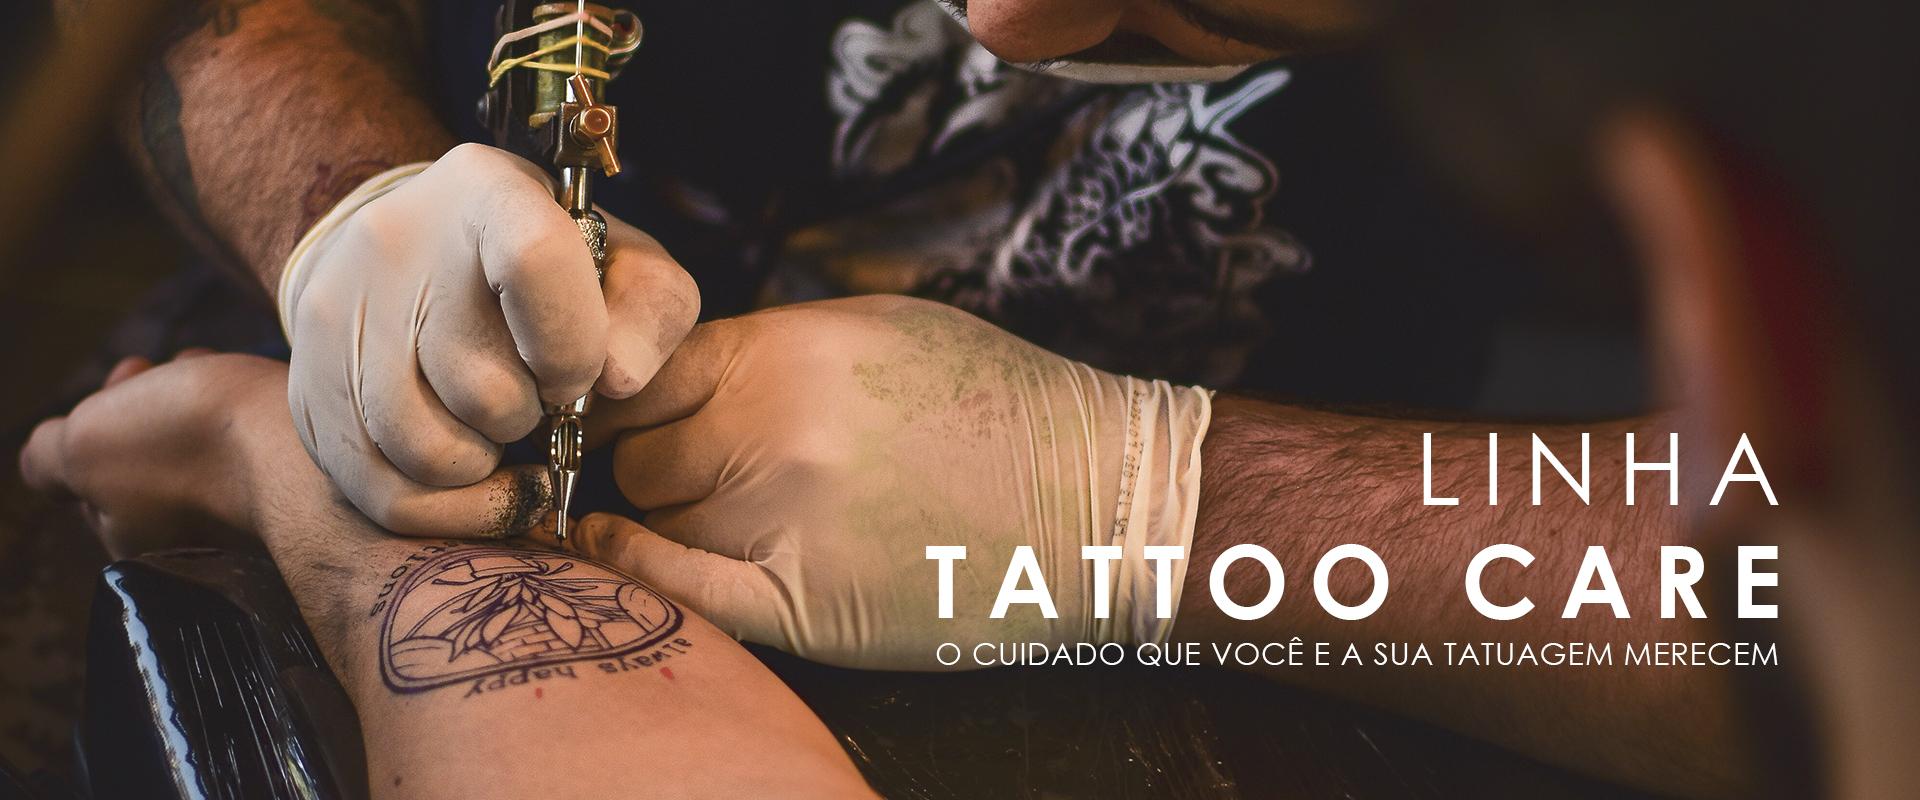 Viking produtos para tatuagem